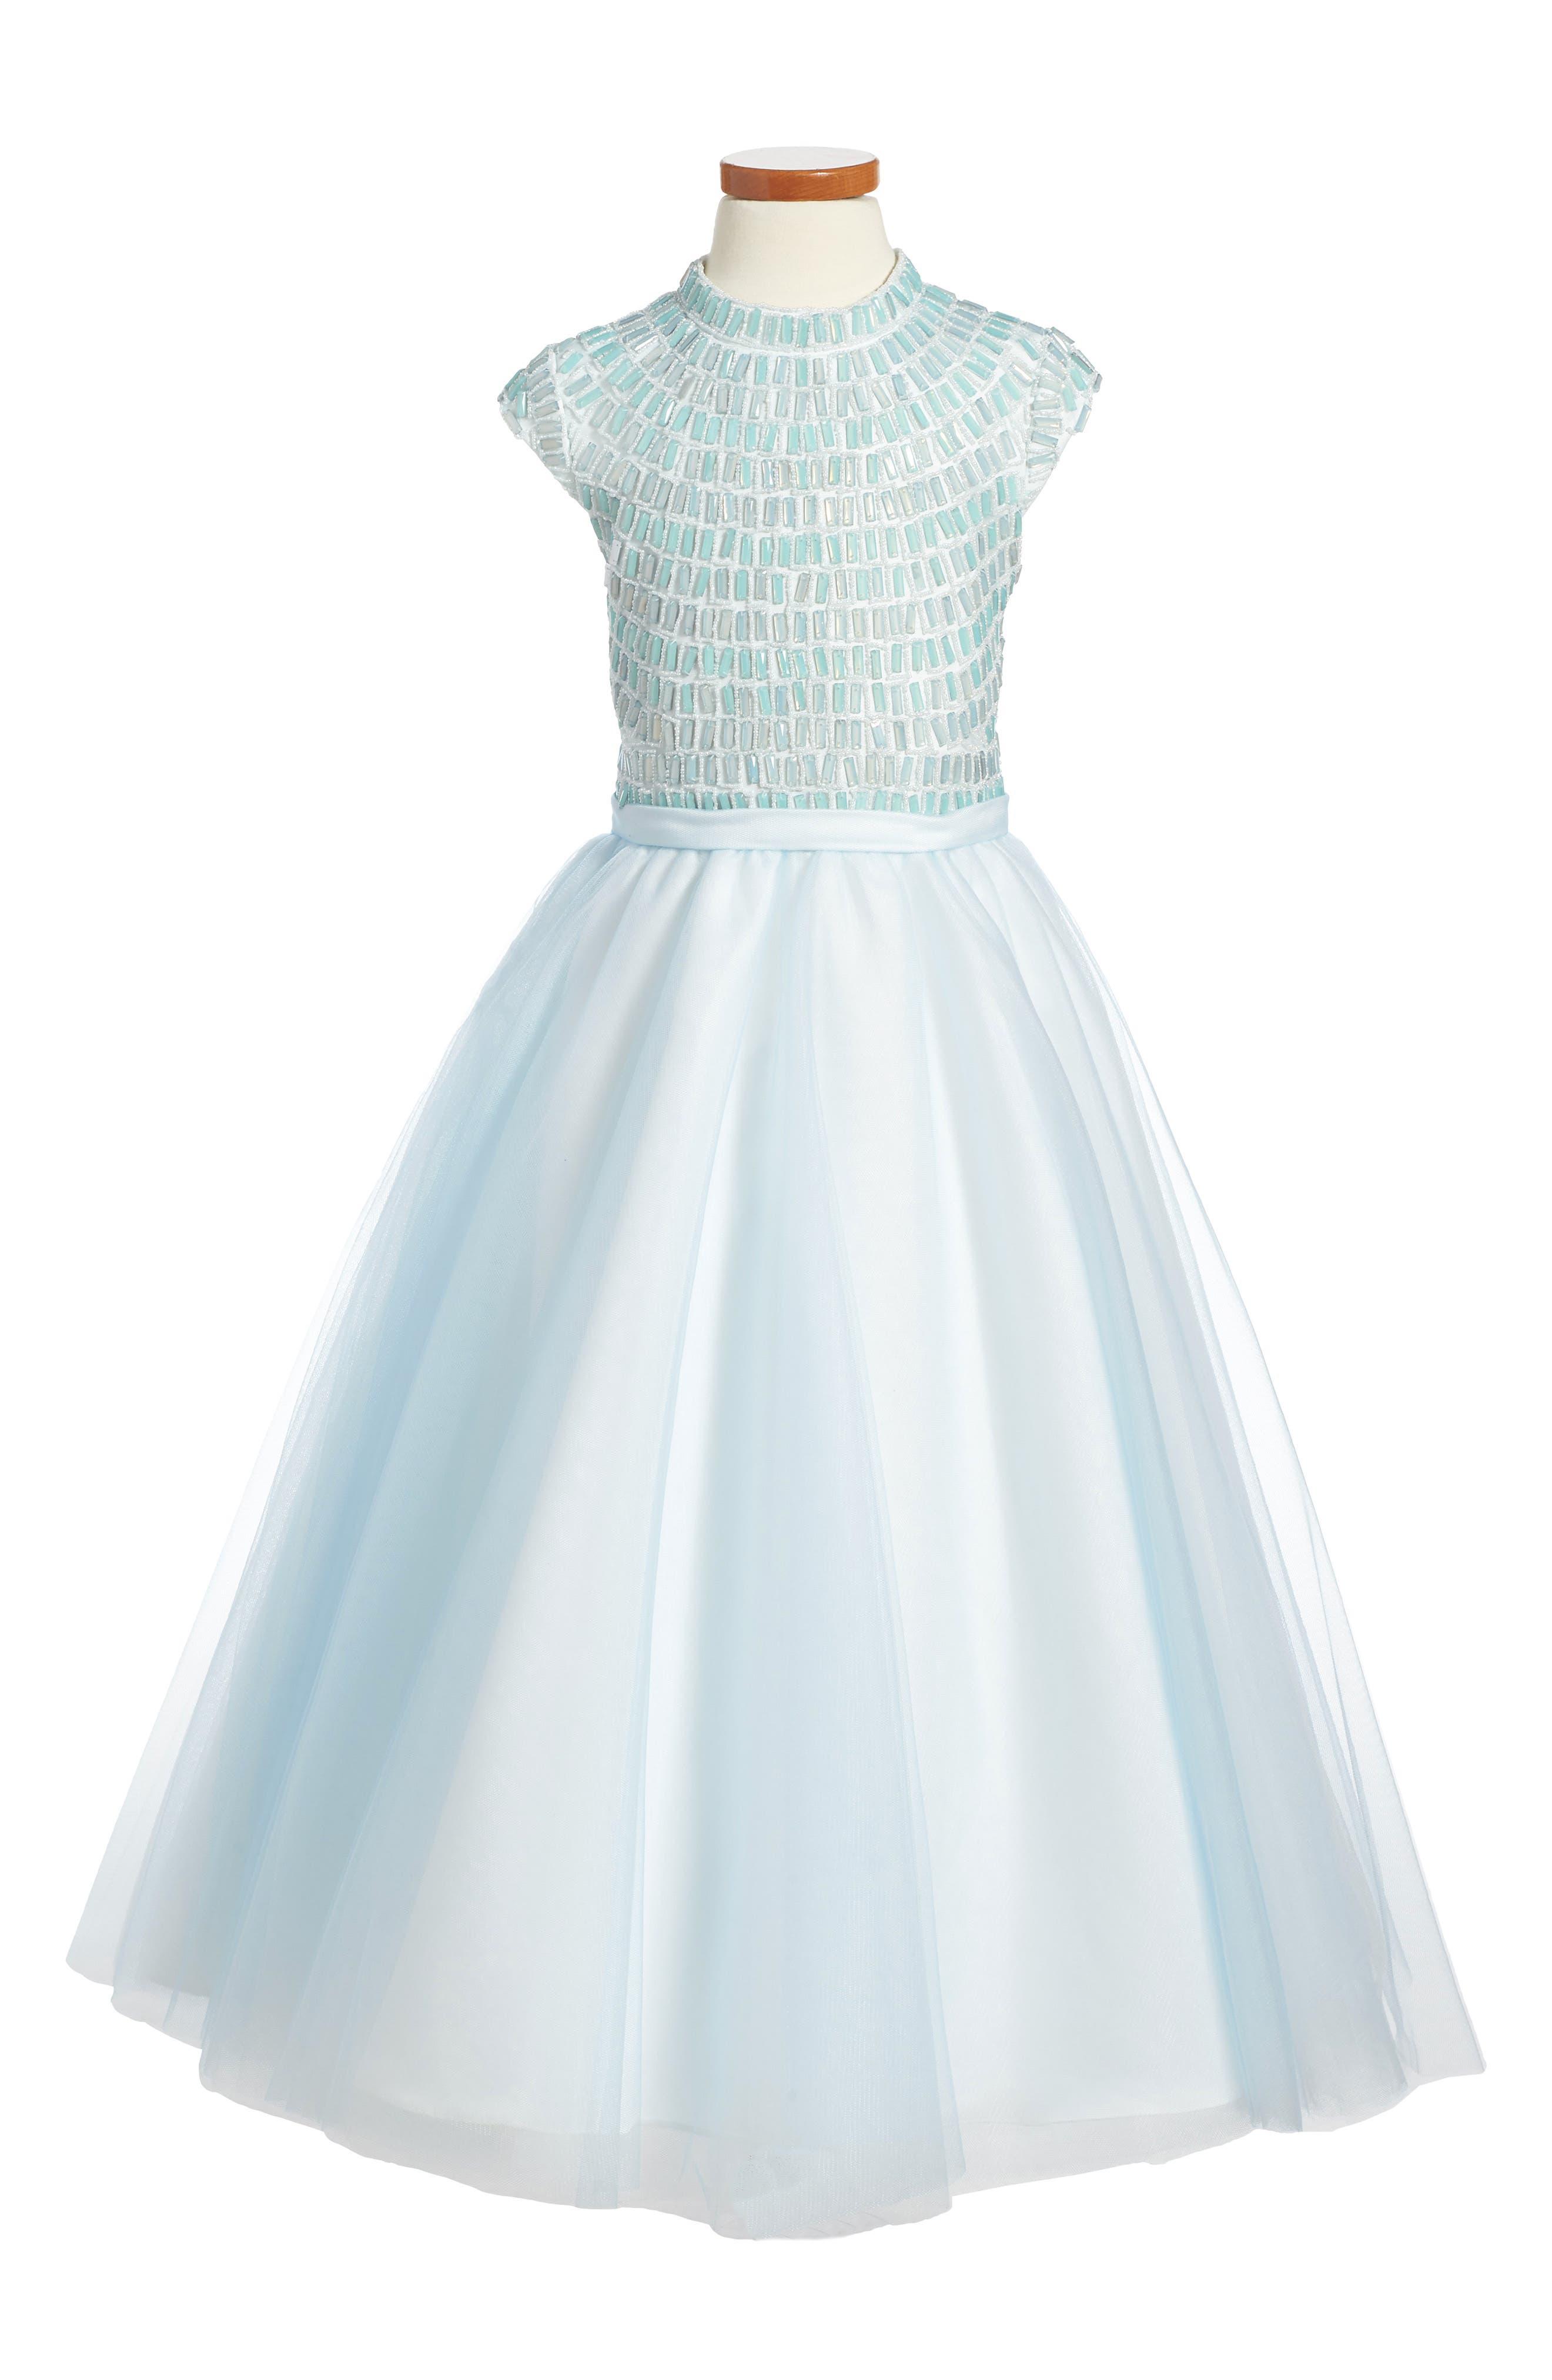 Main Image - Joan Calabrese for Mon Cheri Beaded Dress (Little Girls & Big Girls)